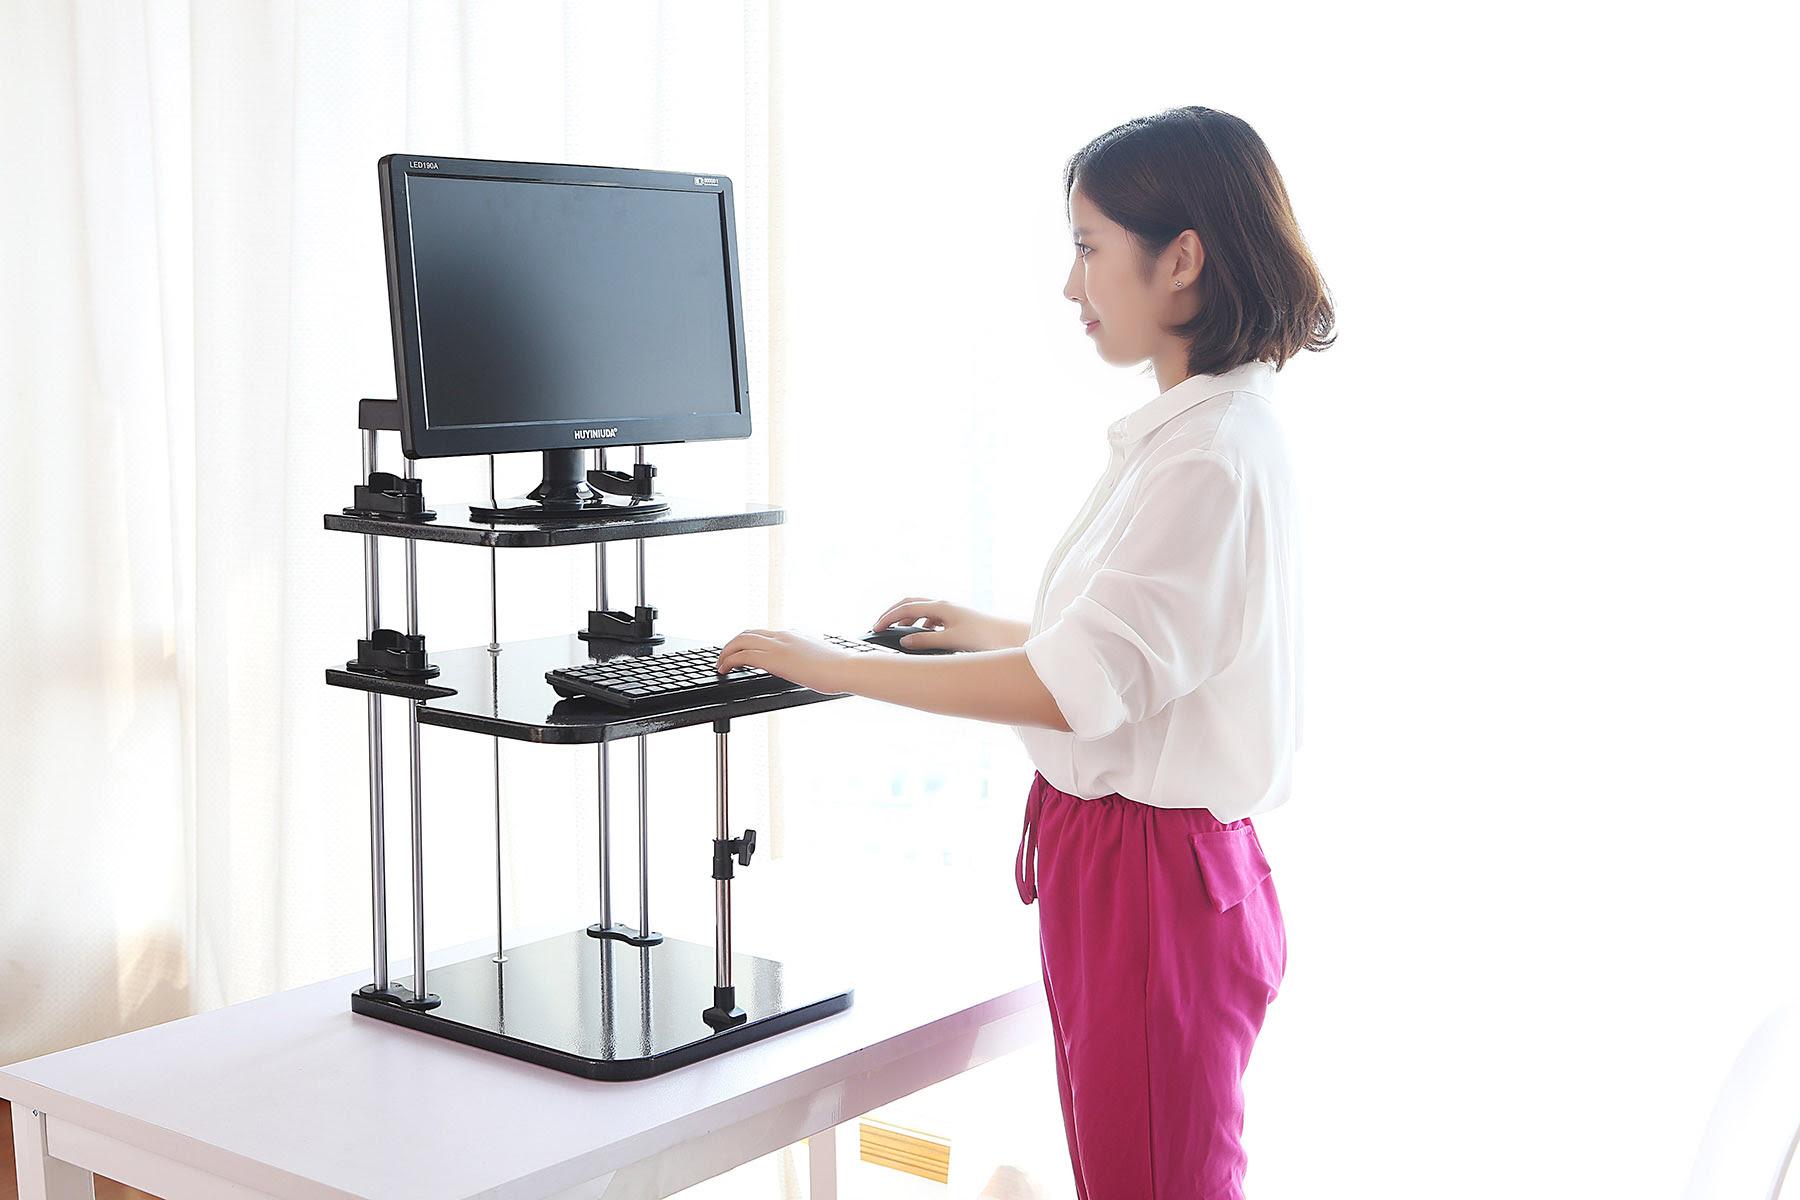 Adjustable Computer Laptop Standing Desk \/ Stand Up Desk Workstation Home Office  eBay